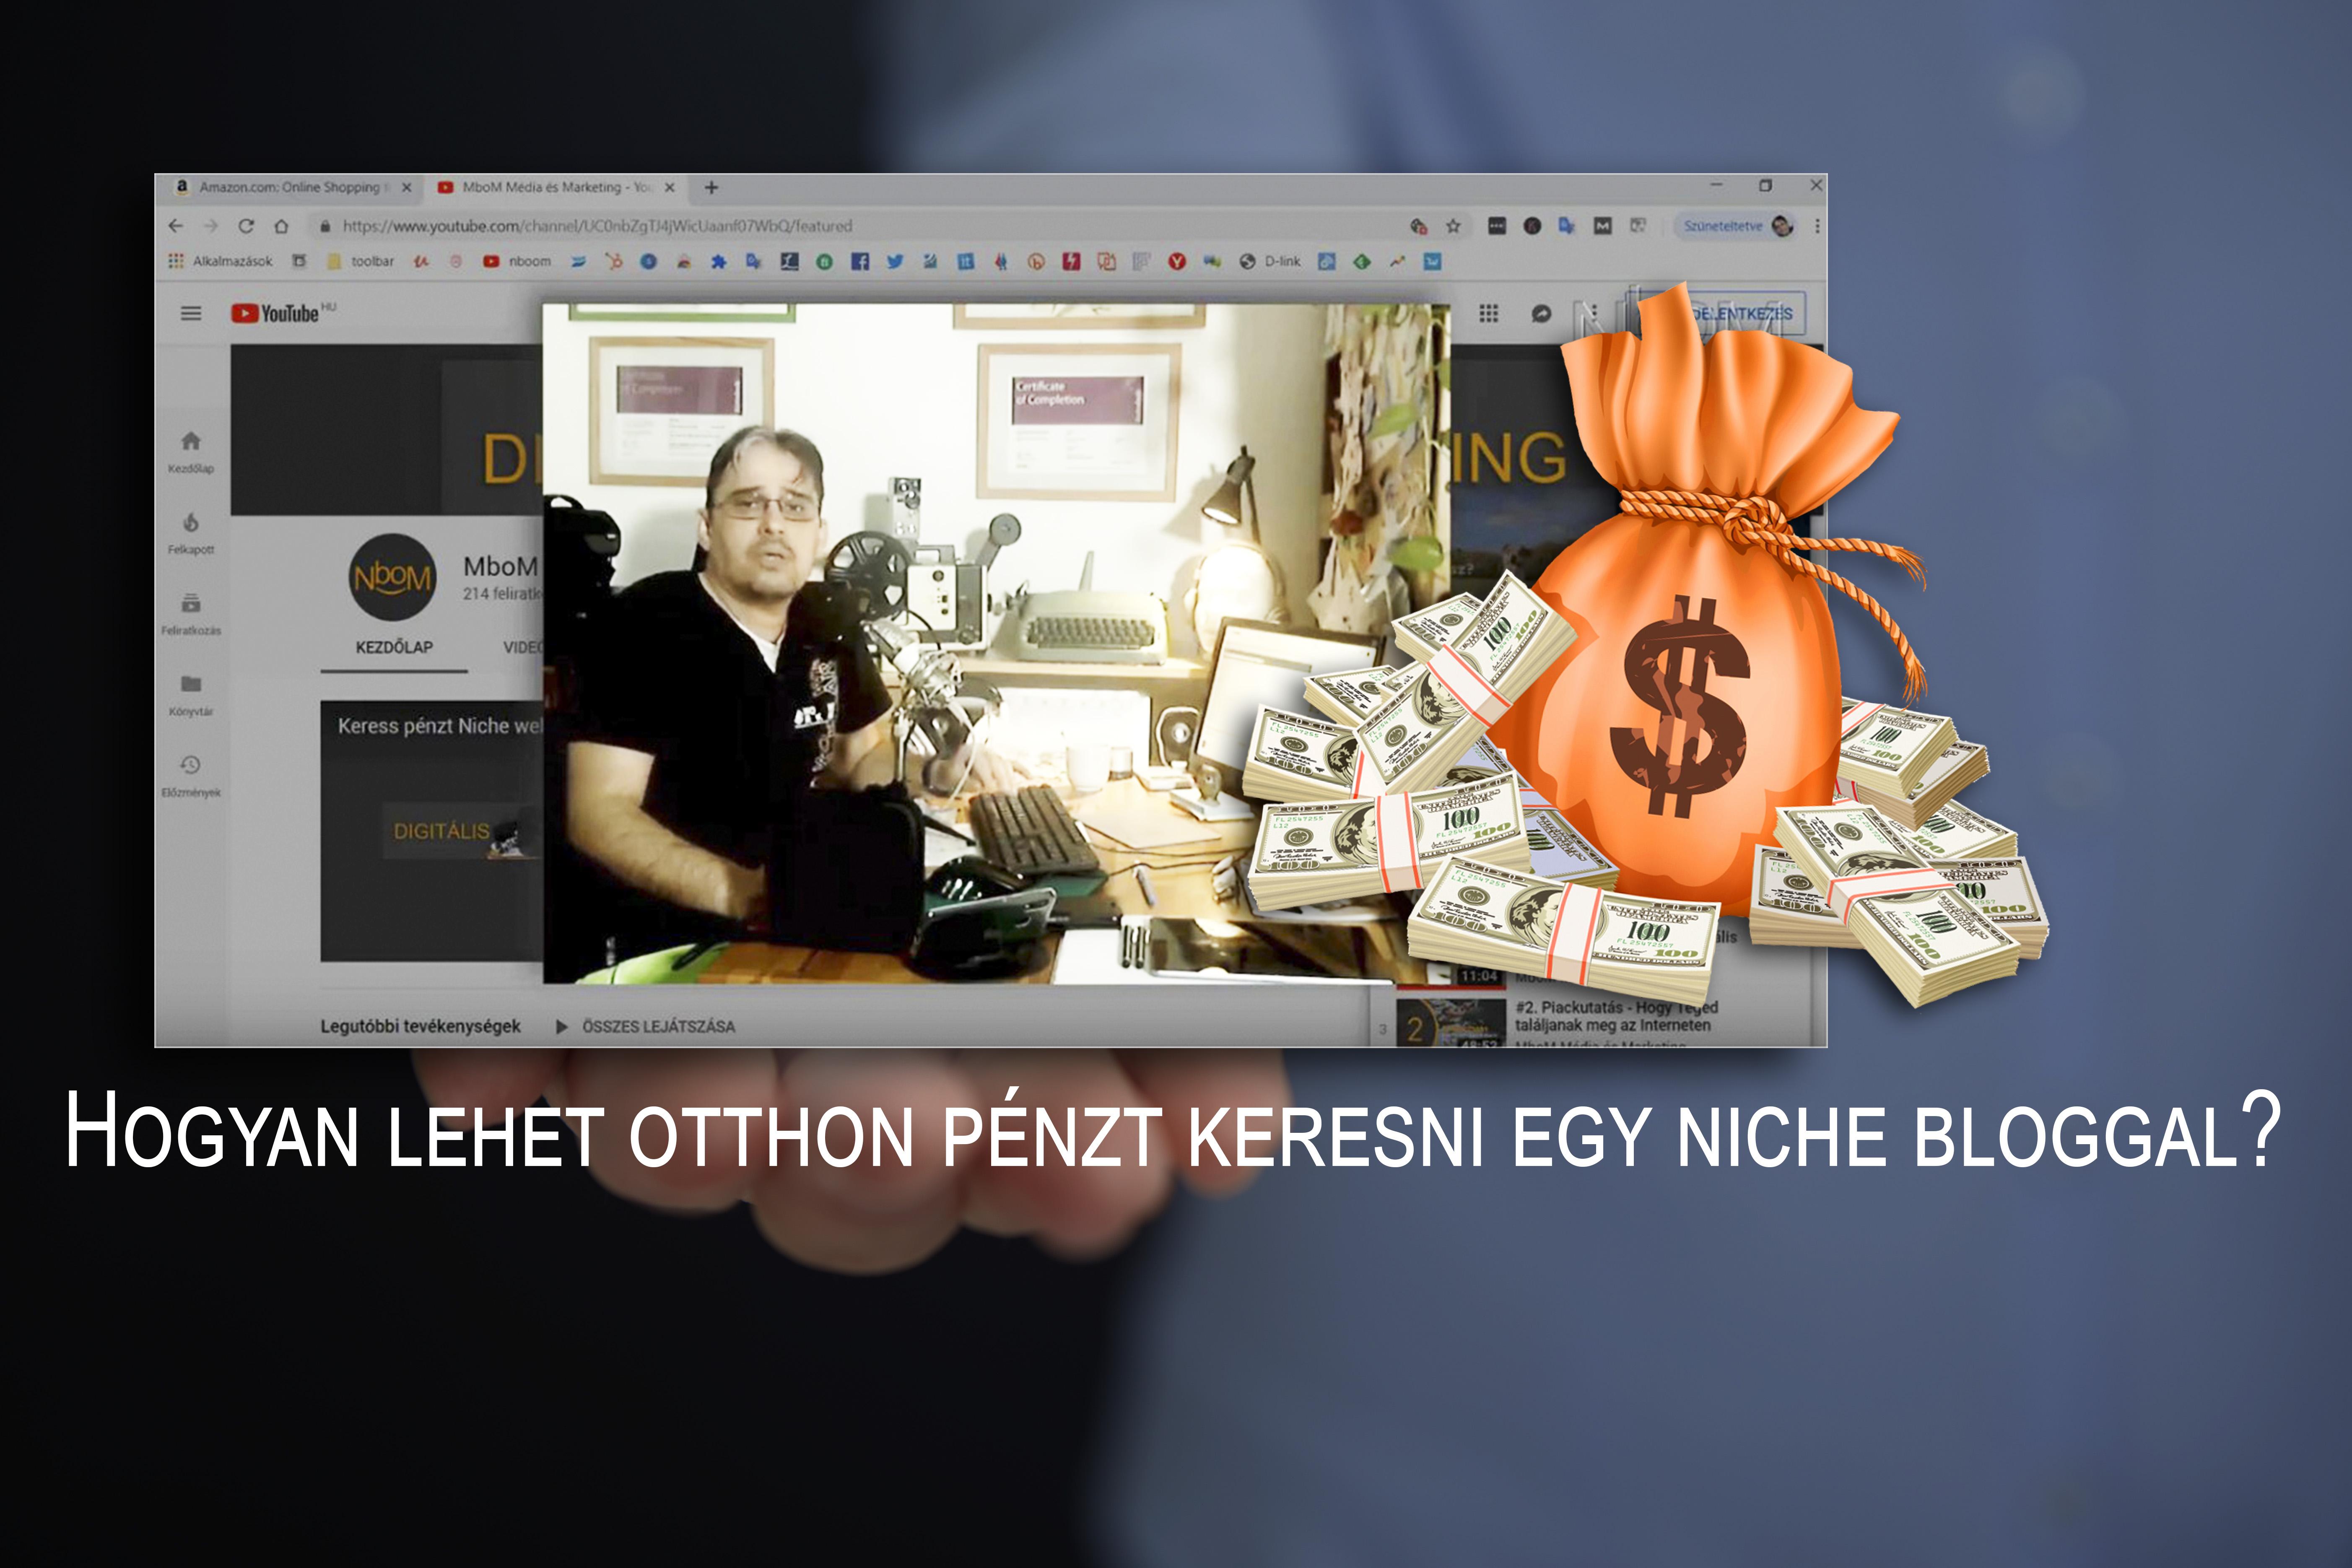 hogyan lehet pénzt keresni készpénzzel